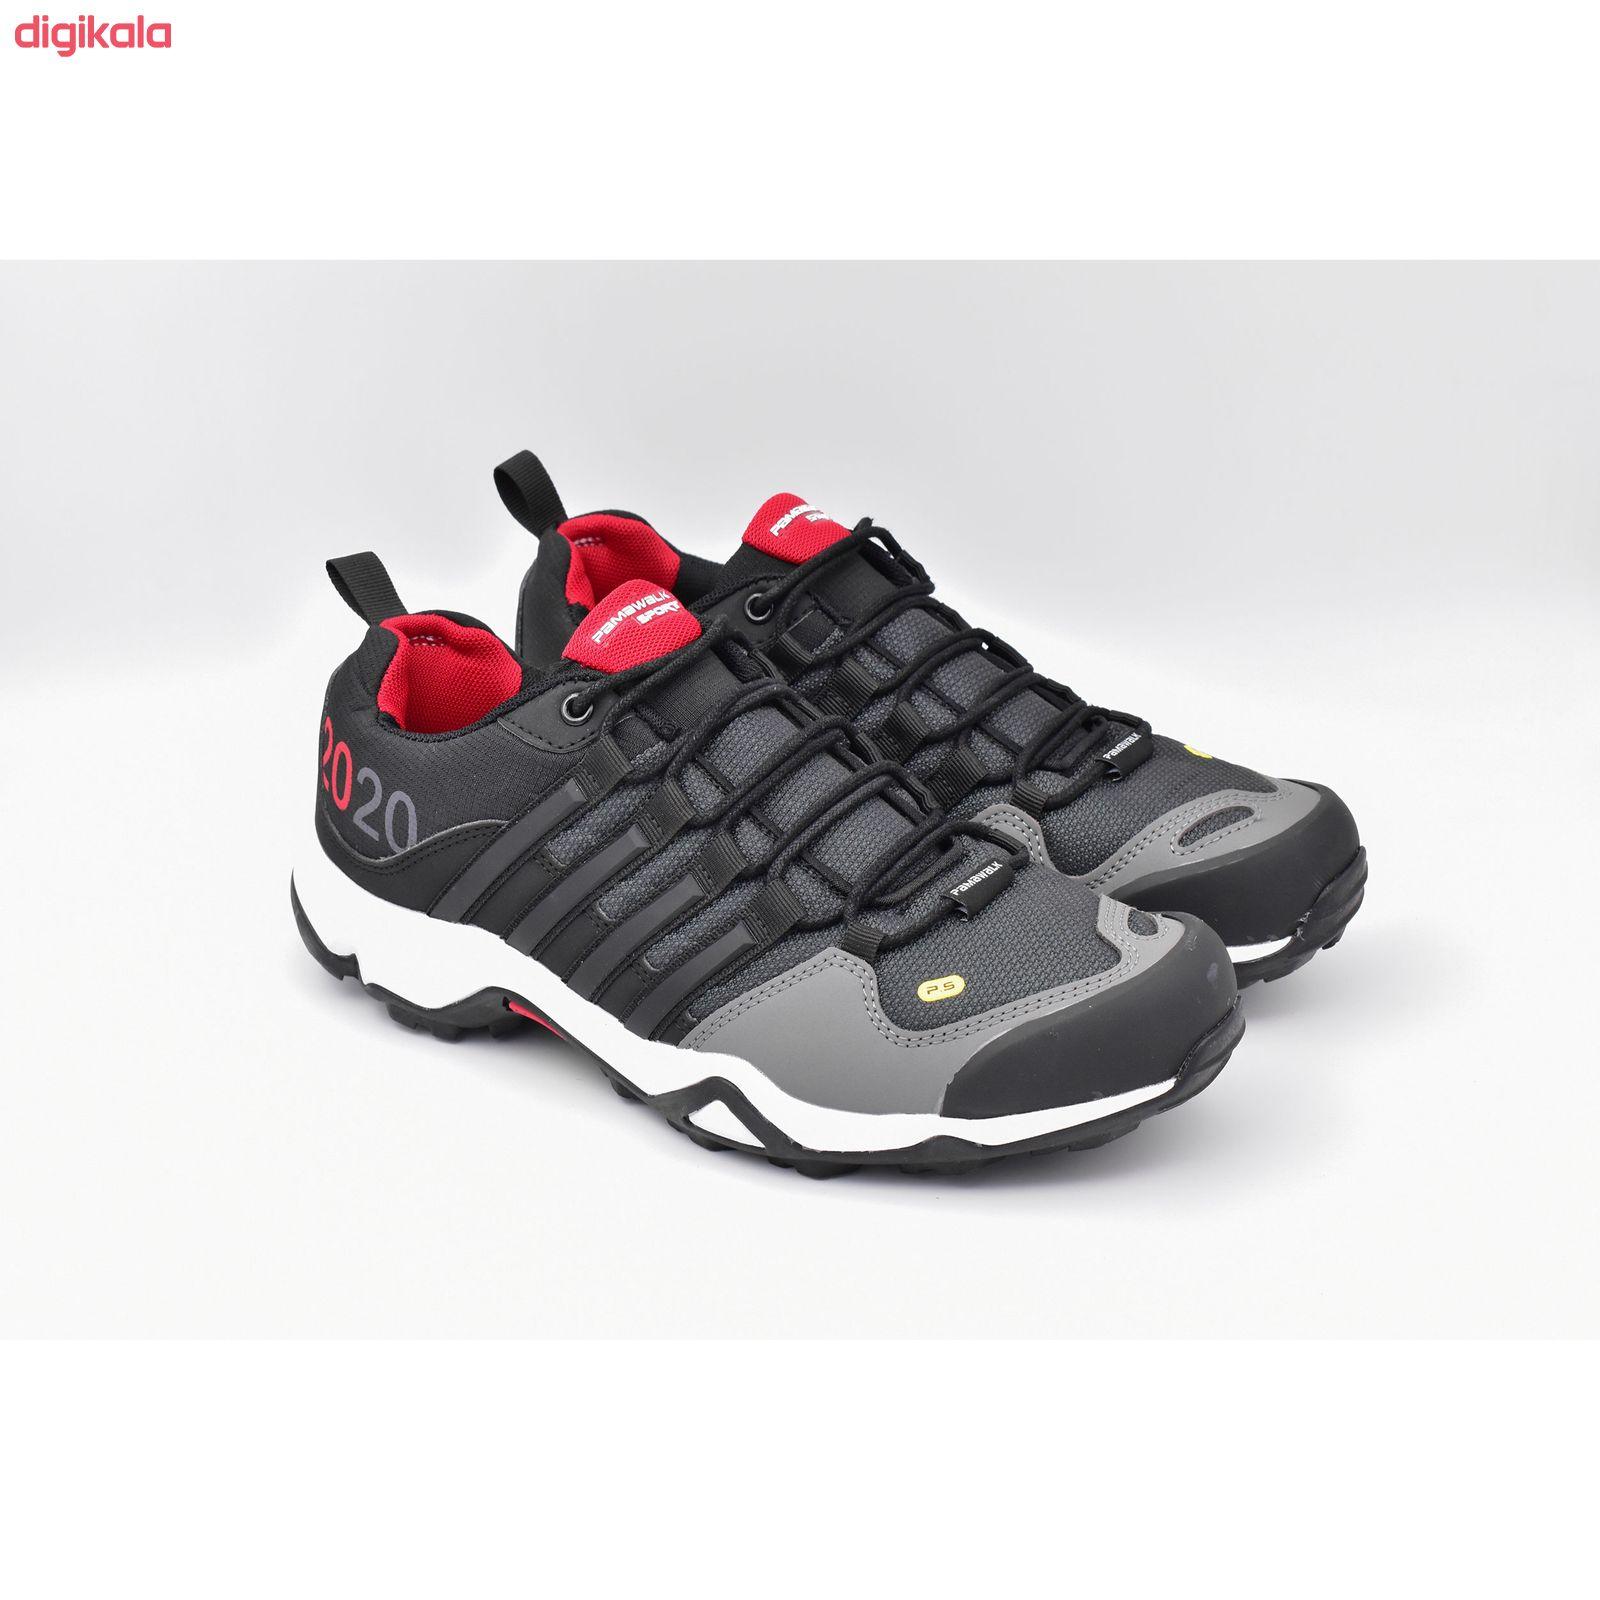 کفش پیاده روی مردانه پاما مدل TT کد 1080-2 main 1 3